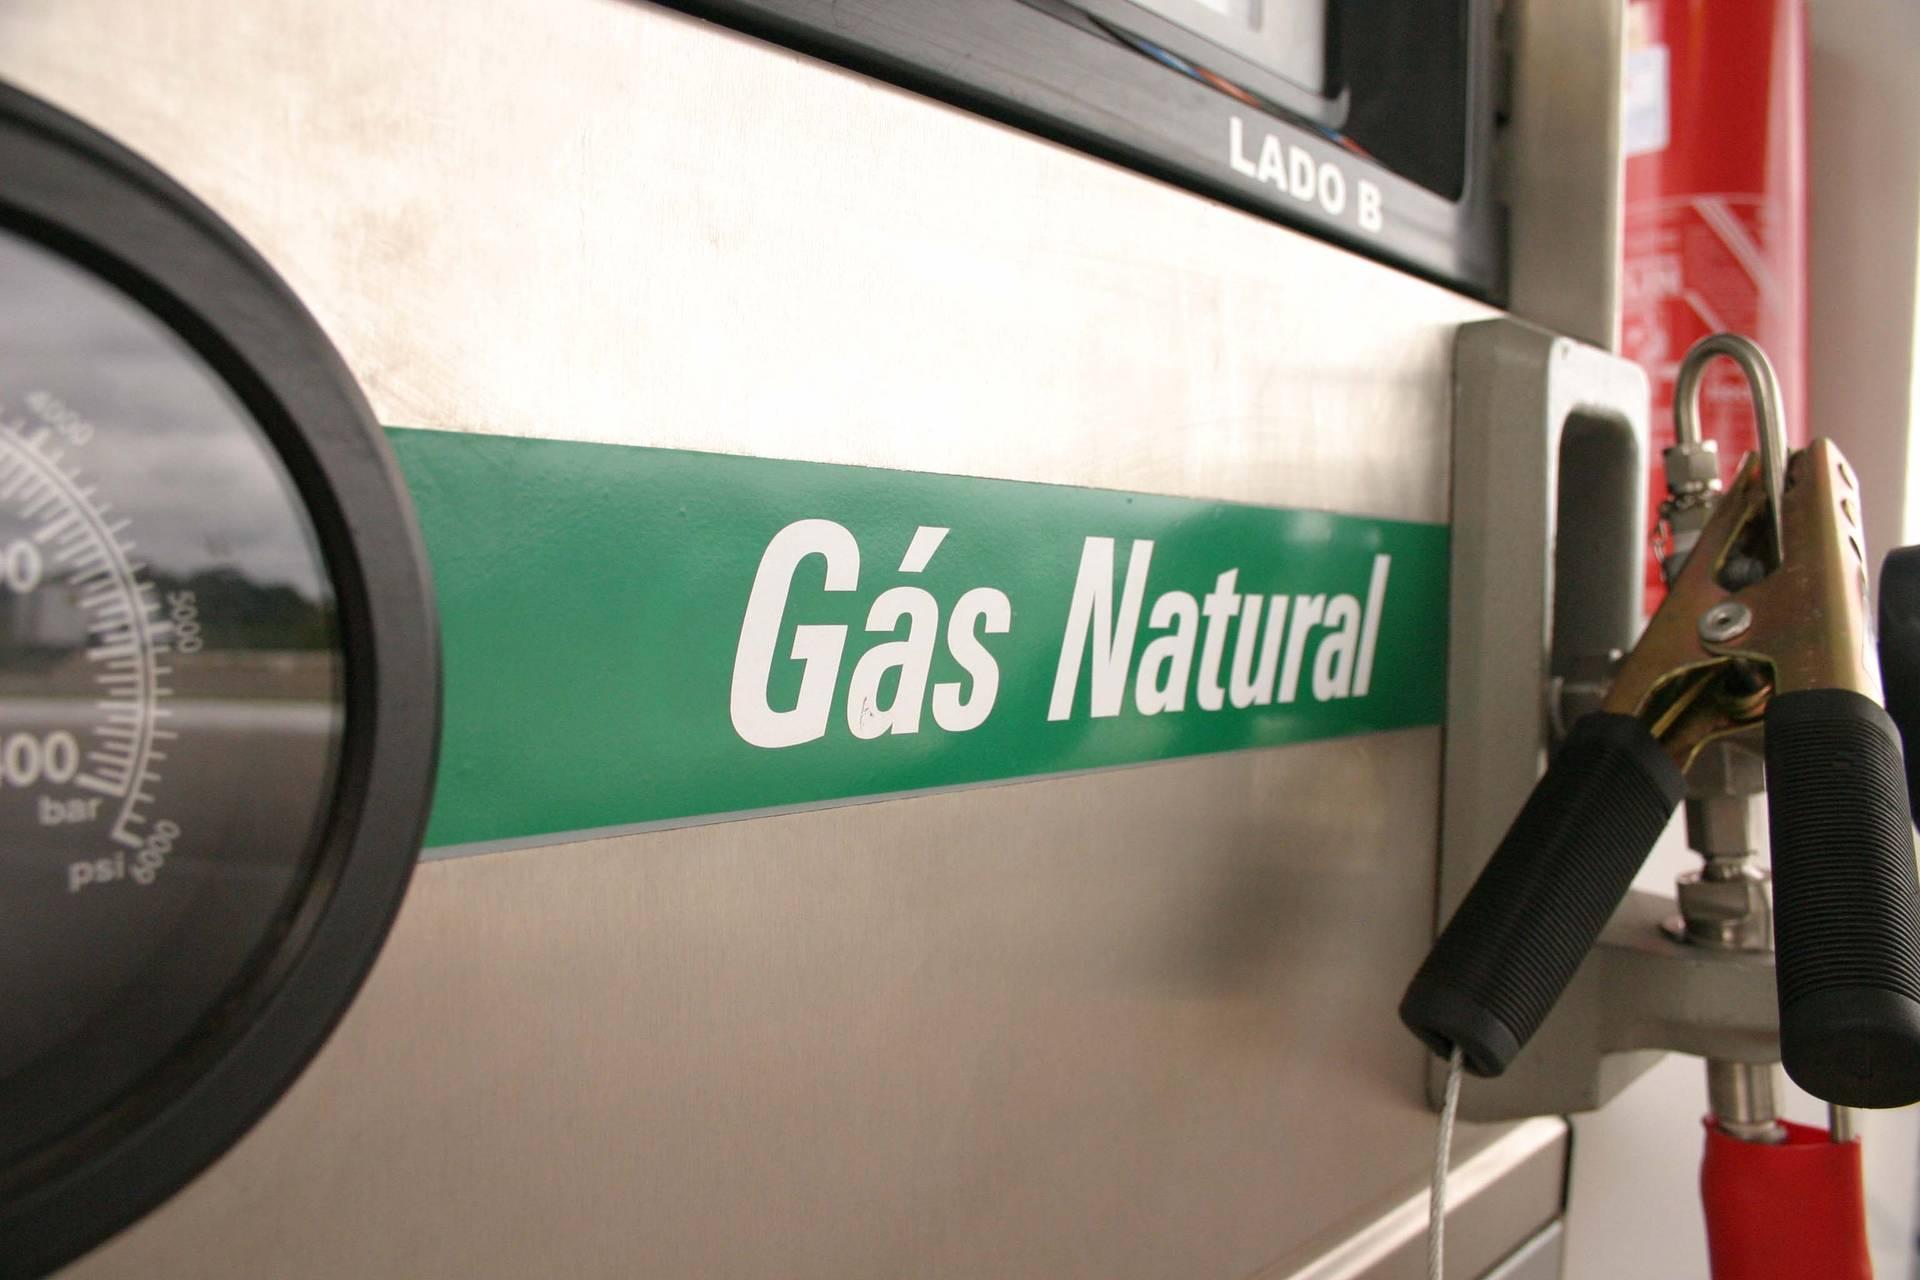 Gás natural mais barato eleva consumo de GNV no Paraná